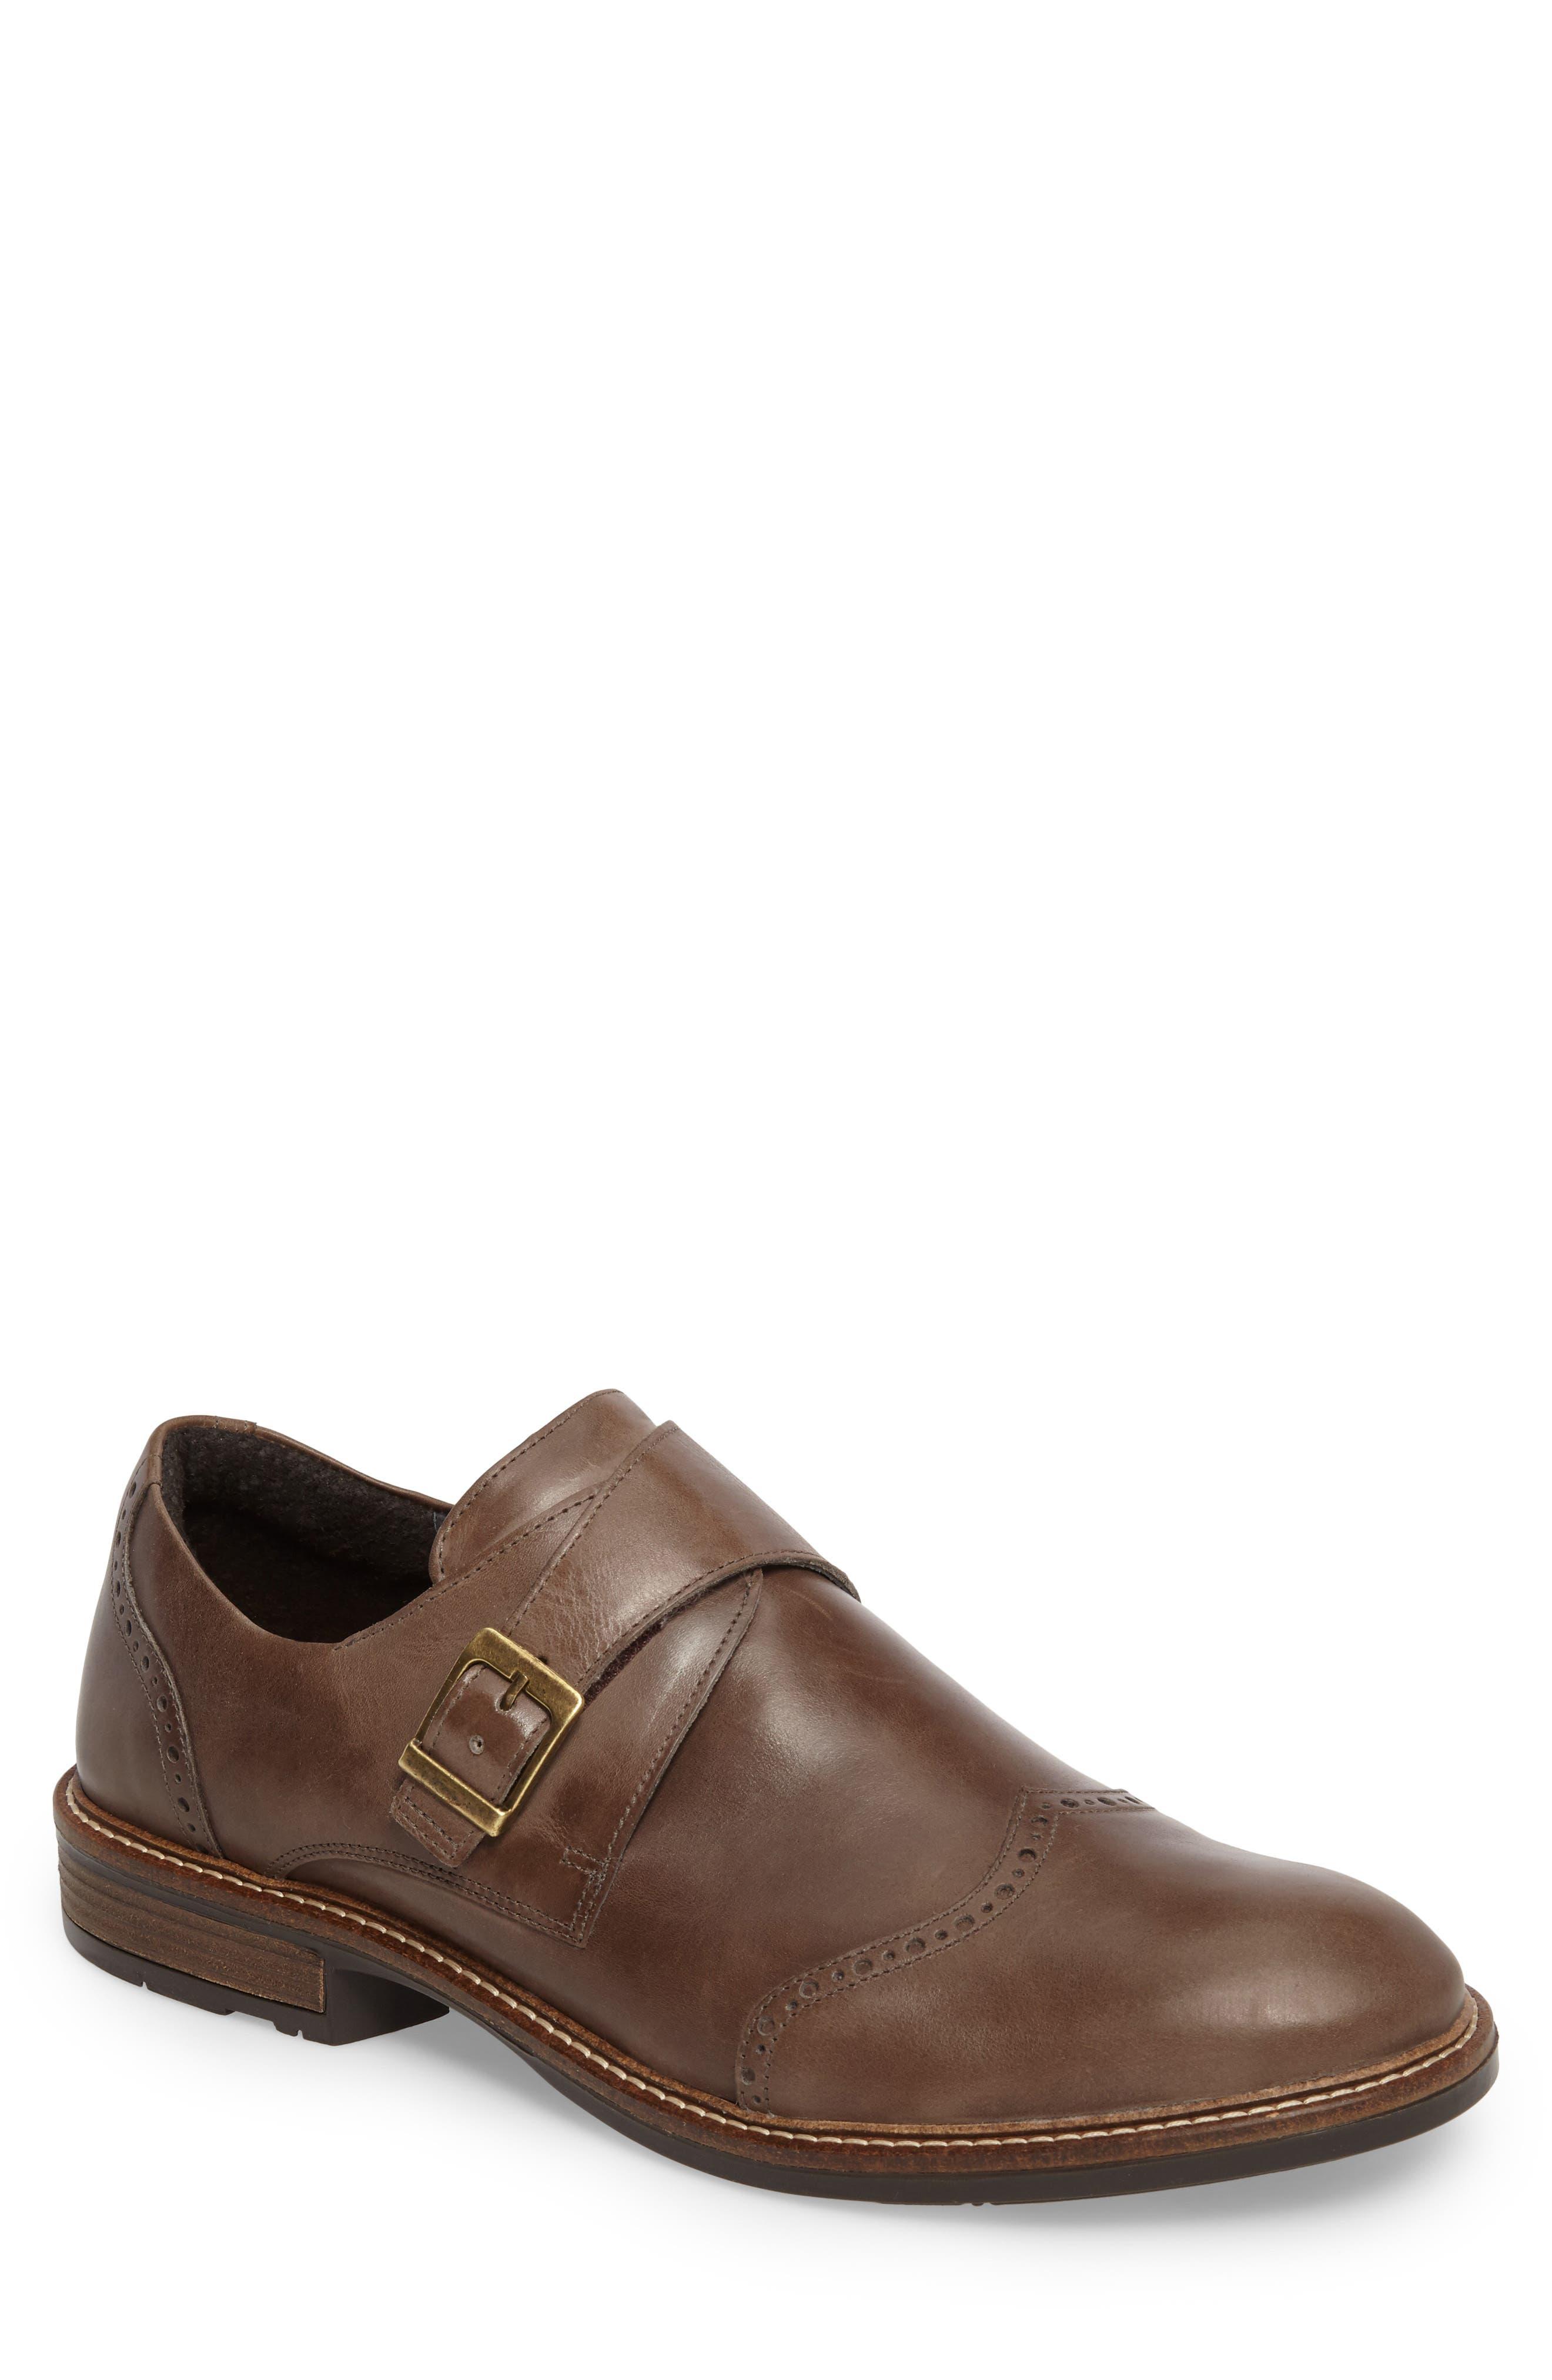 NAOT Evidence Monk Strap Shoe